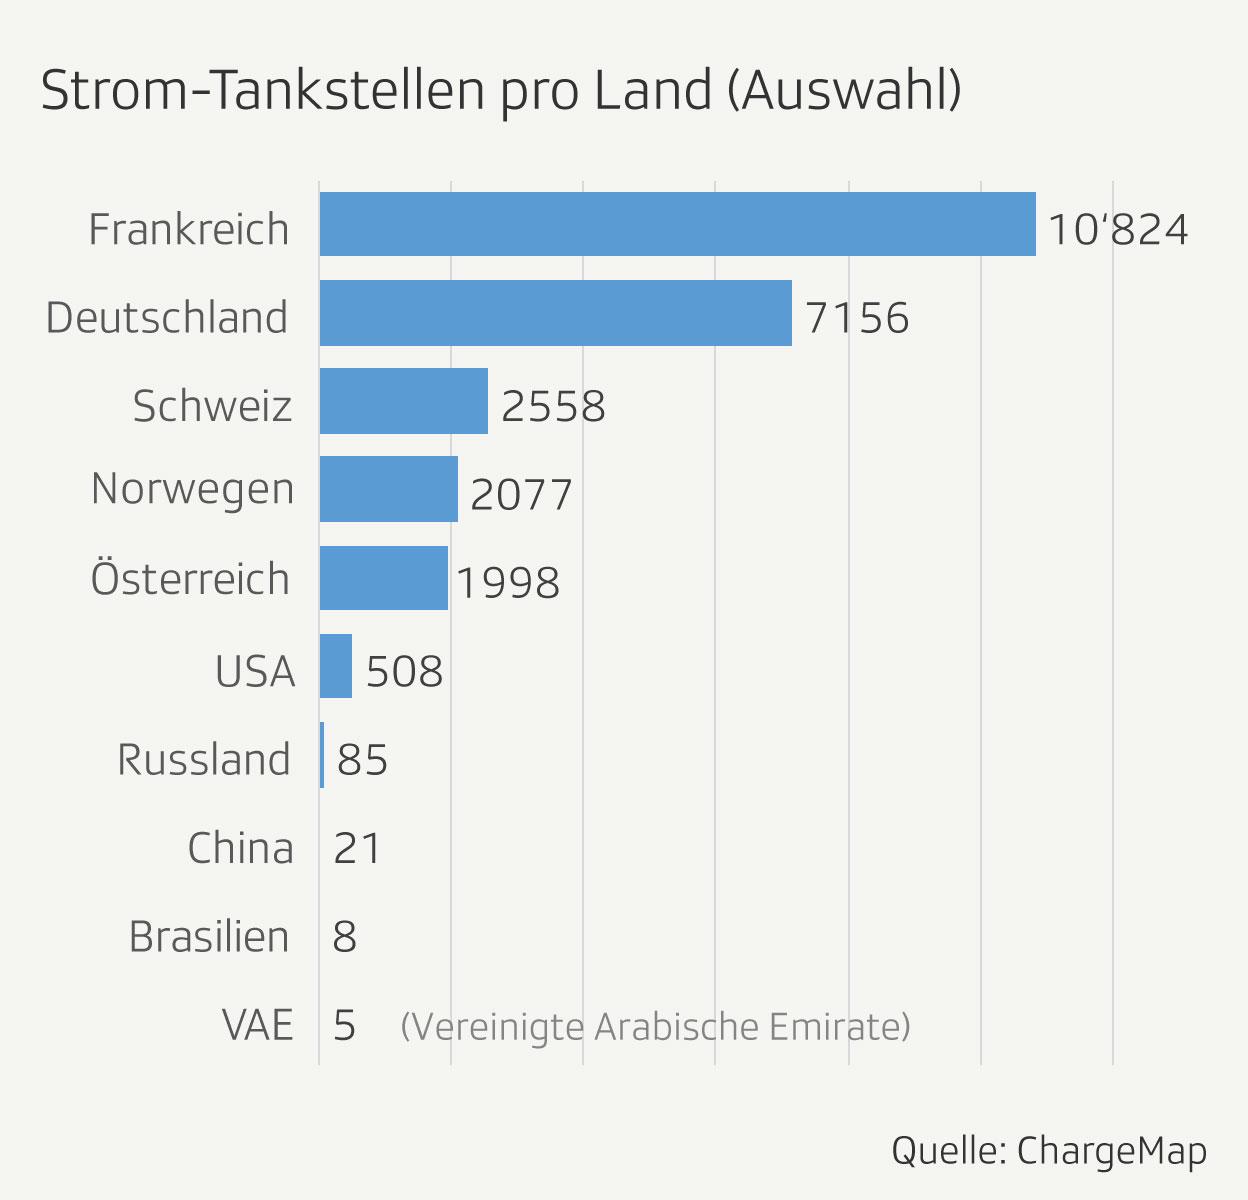 Stromtankstellen pro Land